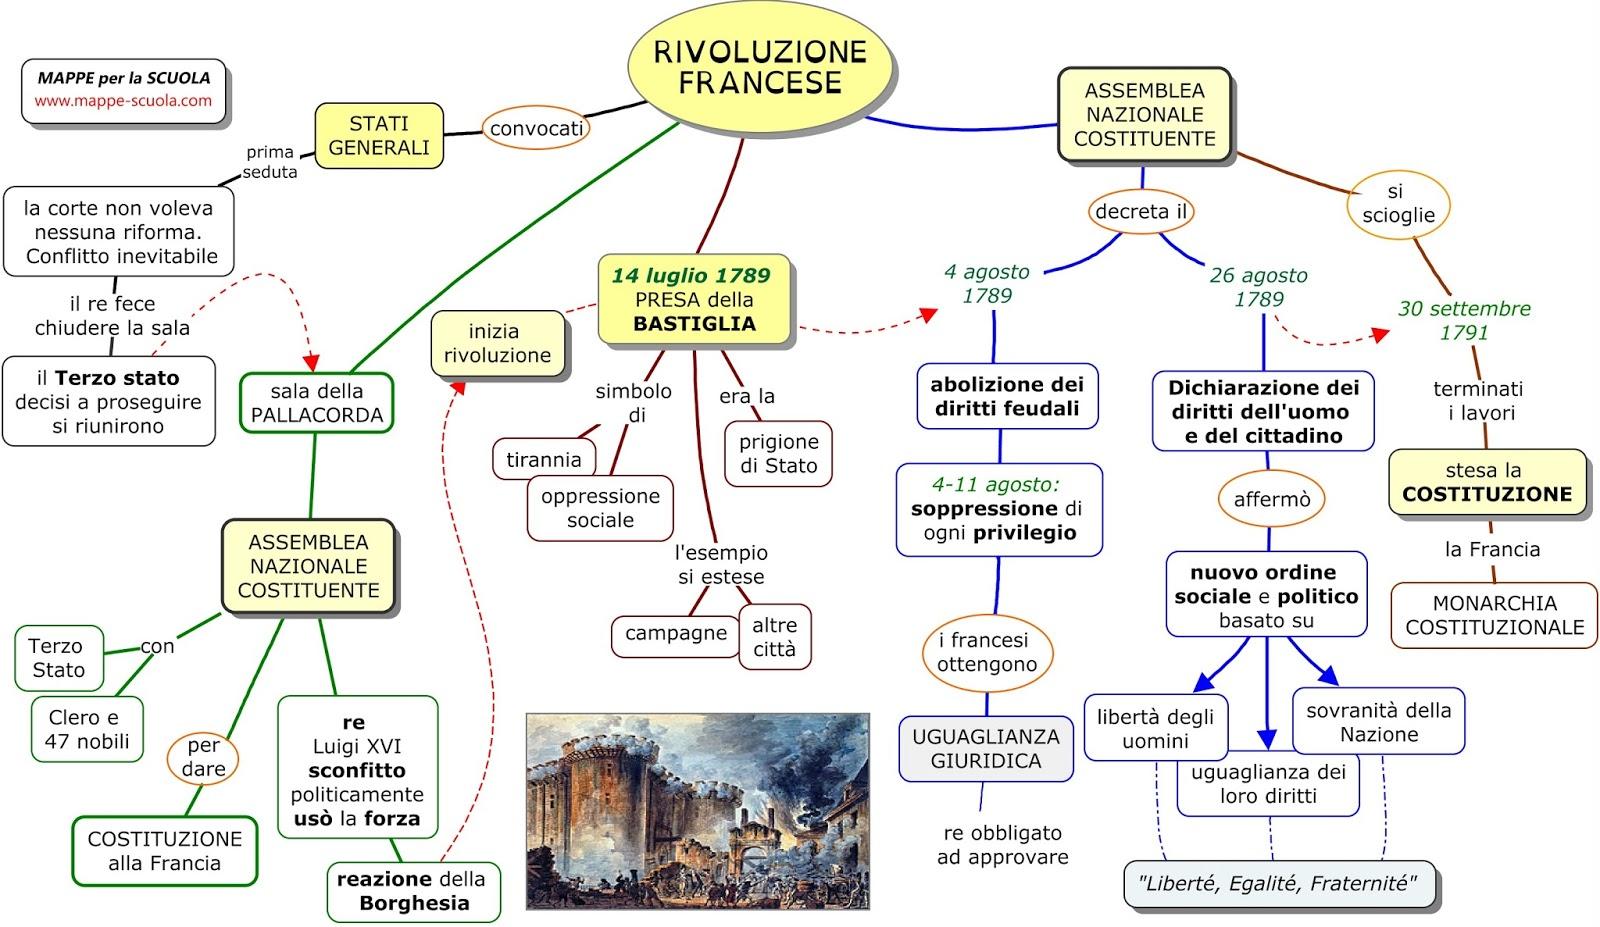 Storia rivoluzione americana francese ed industriale for Una storia piani di casa di campagna francese